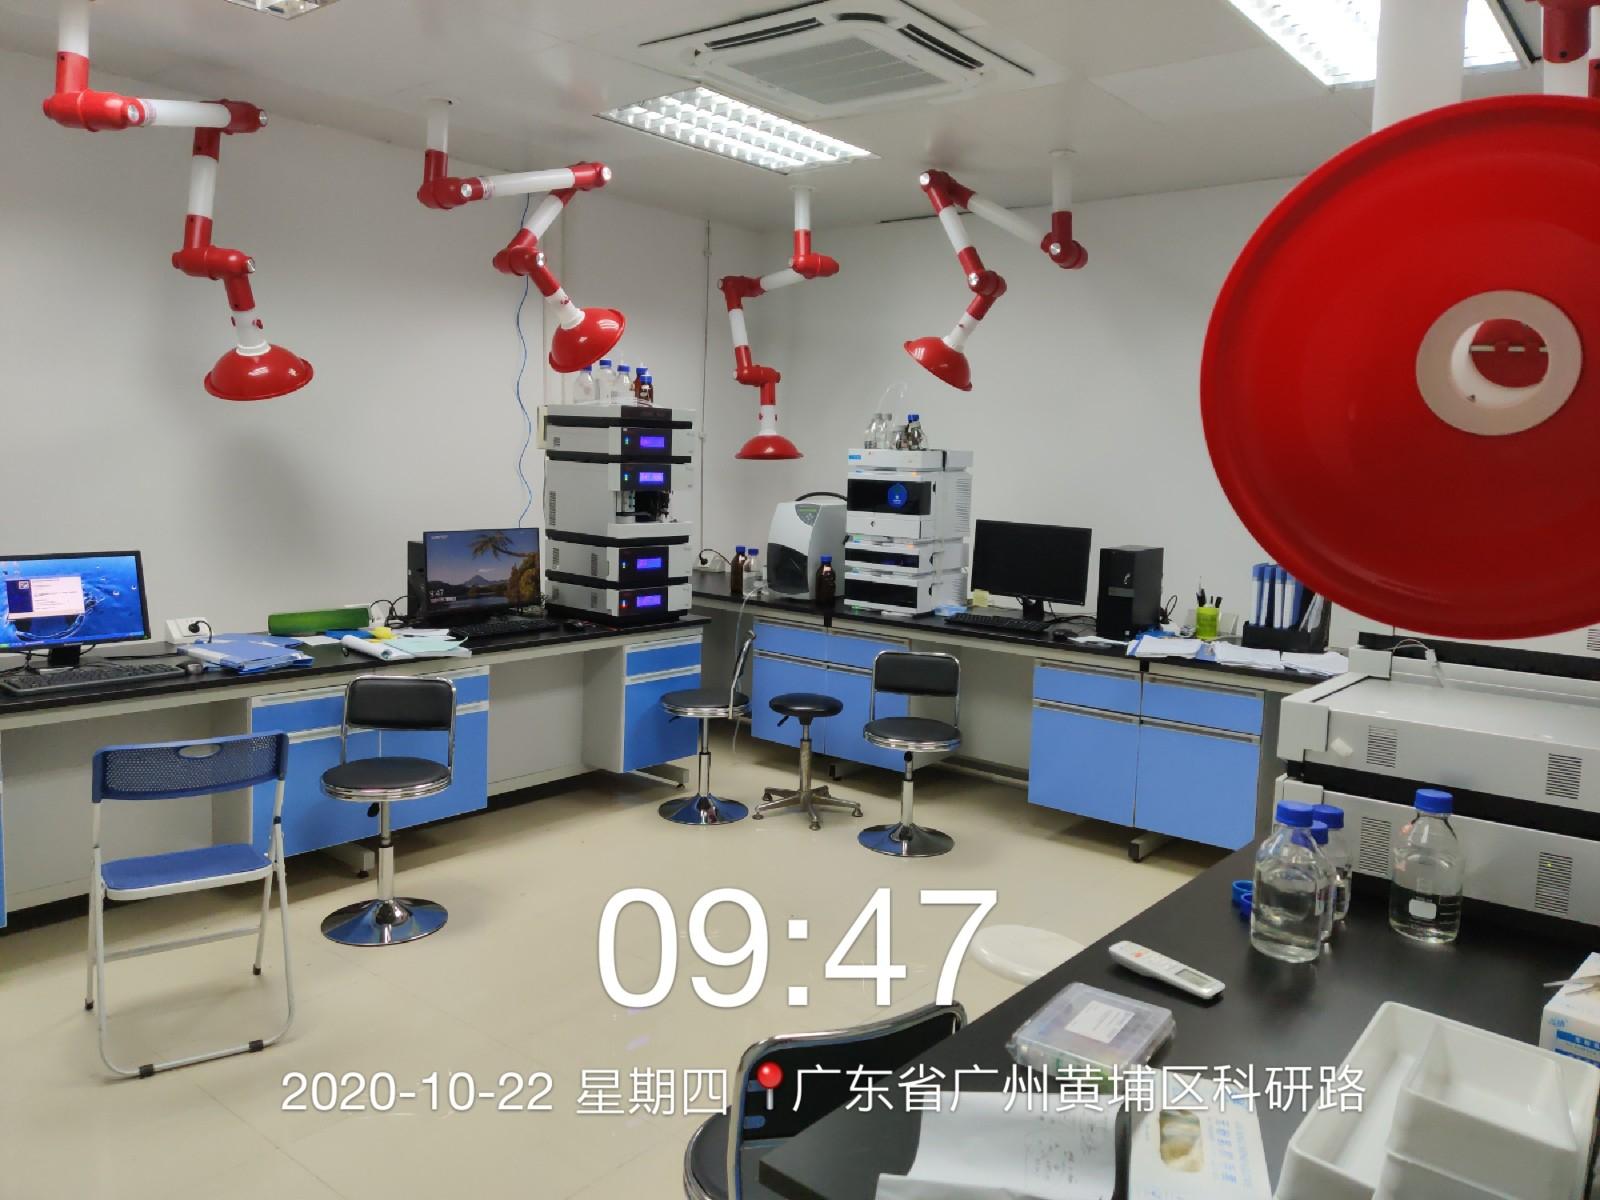 微信图片_202010221421436.jpg